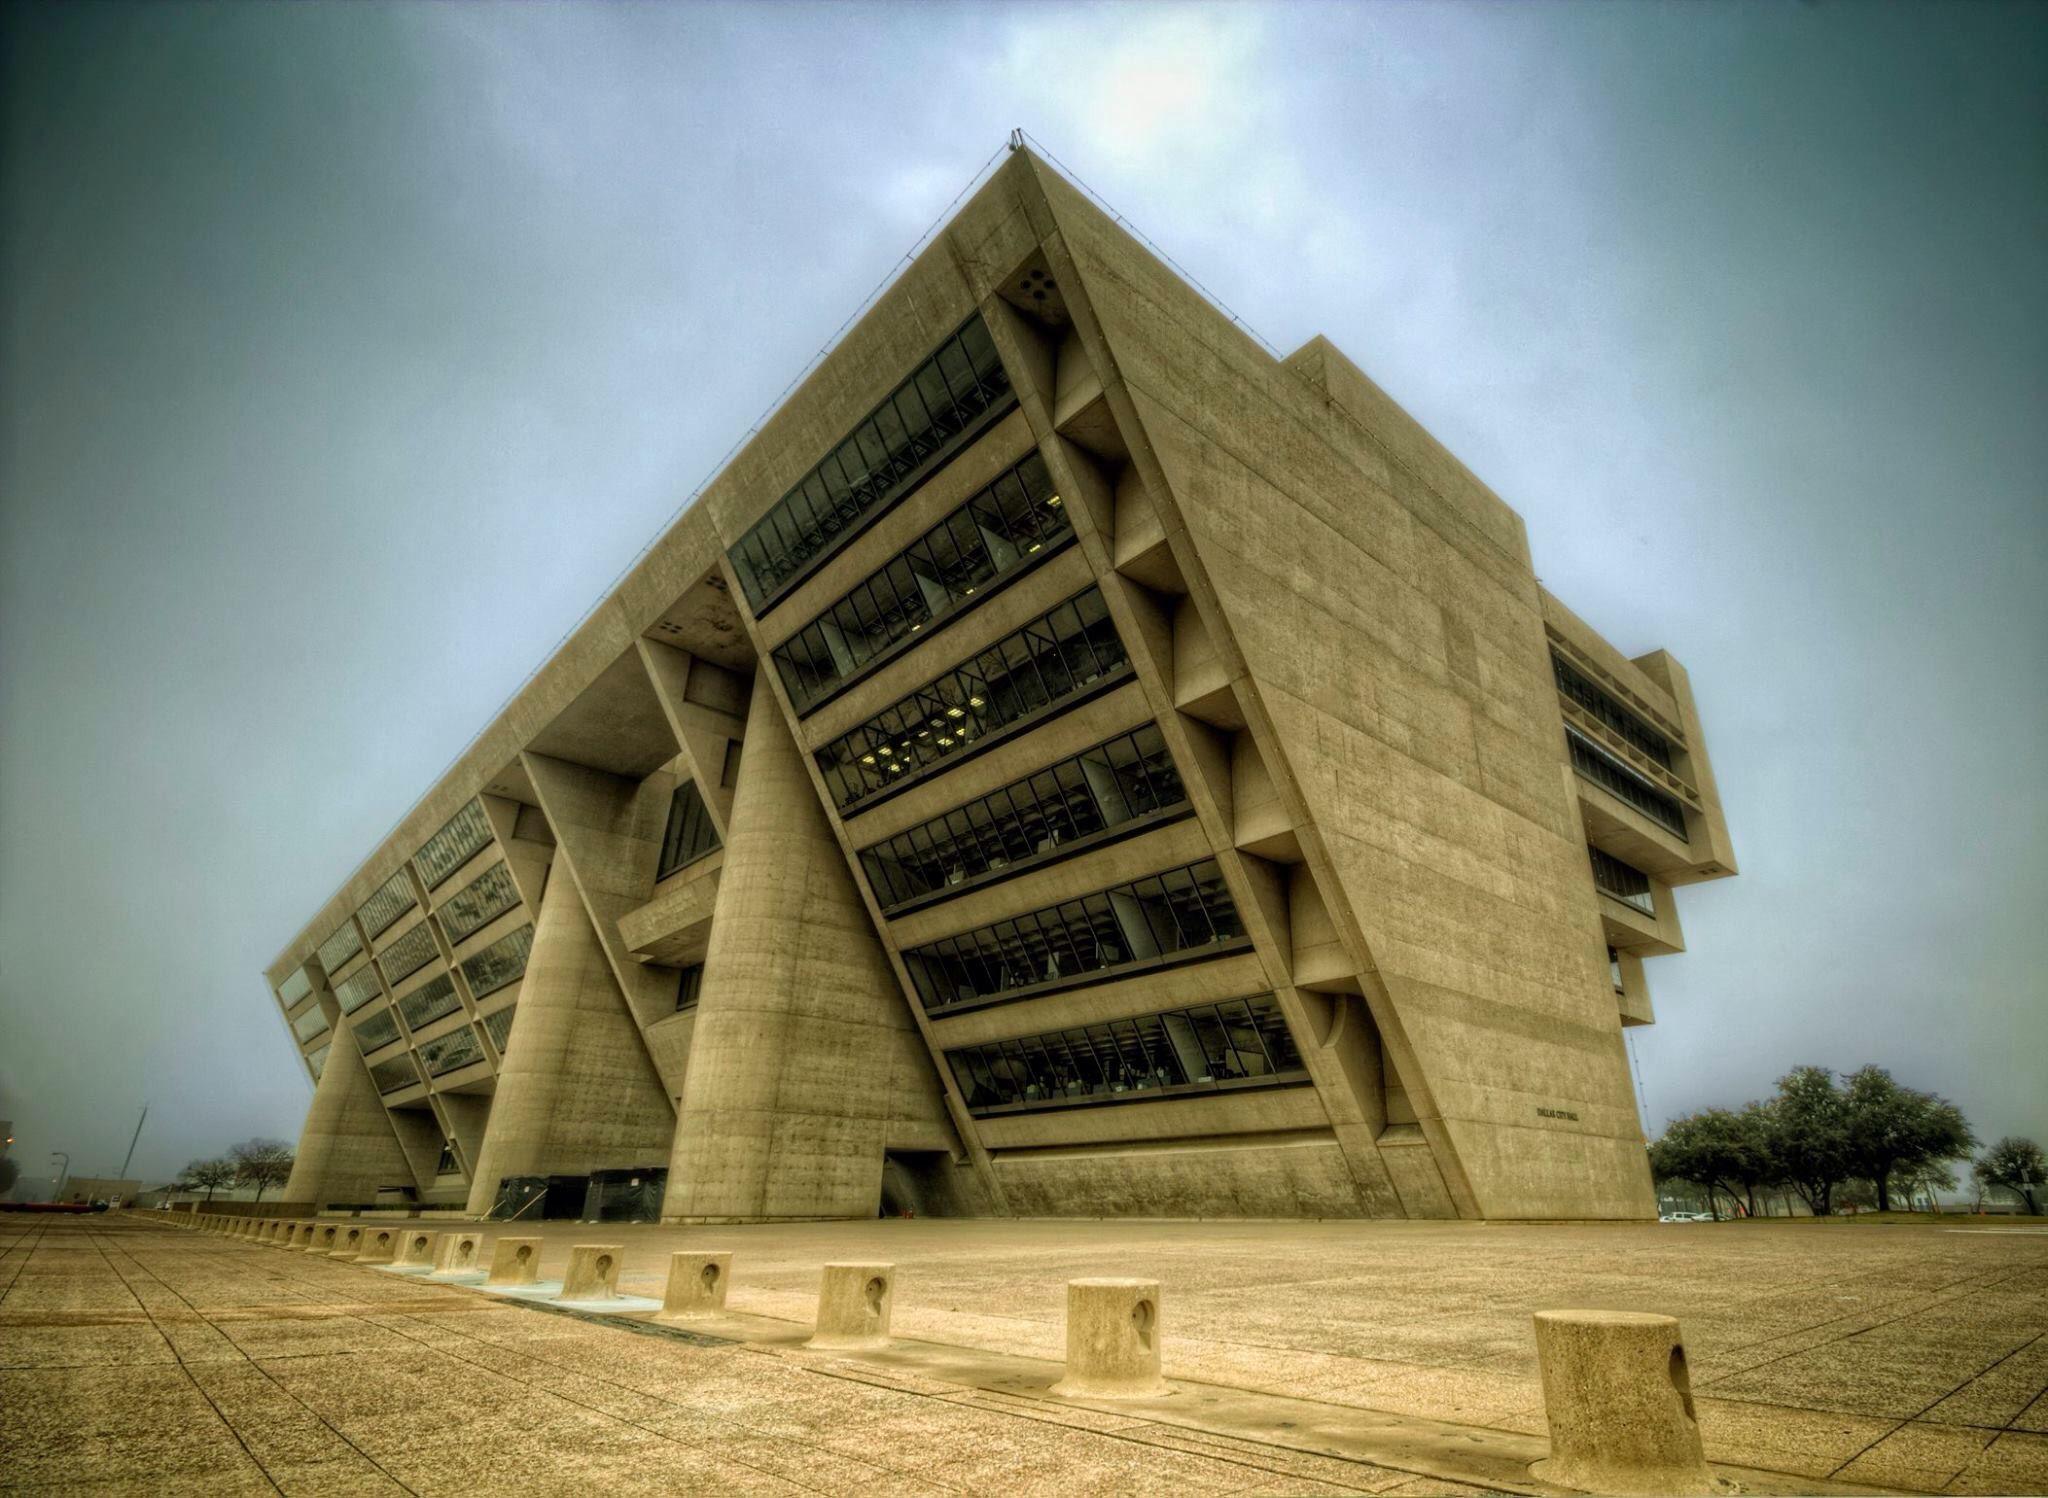 City бетон купить бетон в павловск